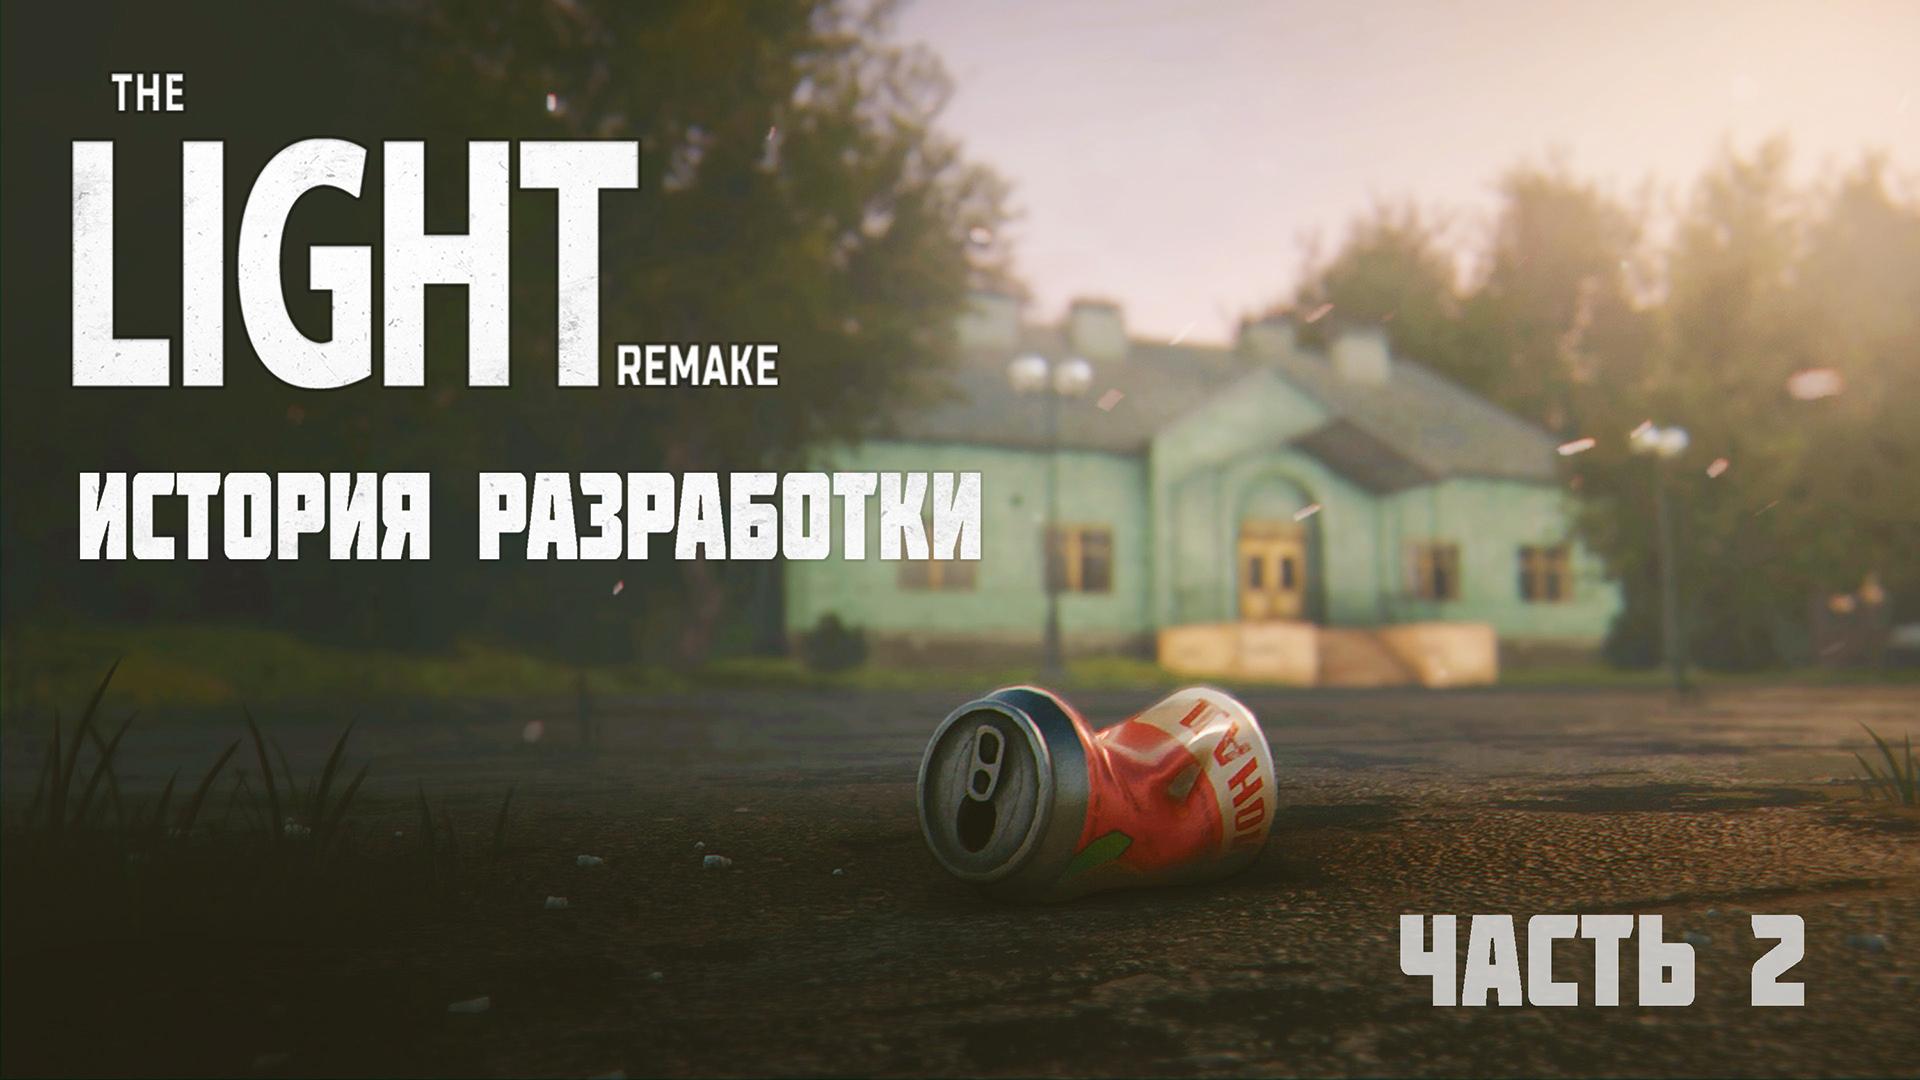 История разработки The Light Remake. Часть 2